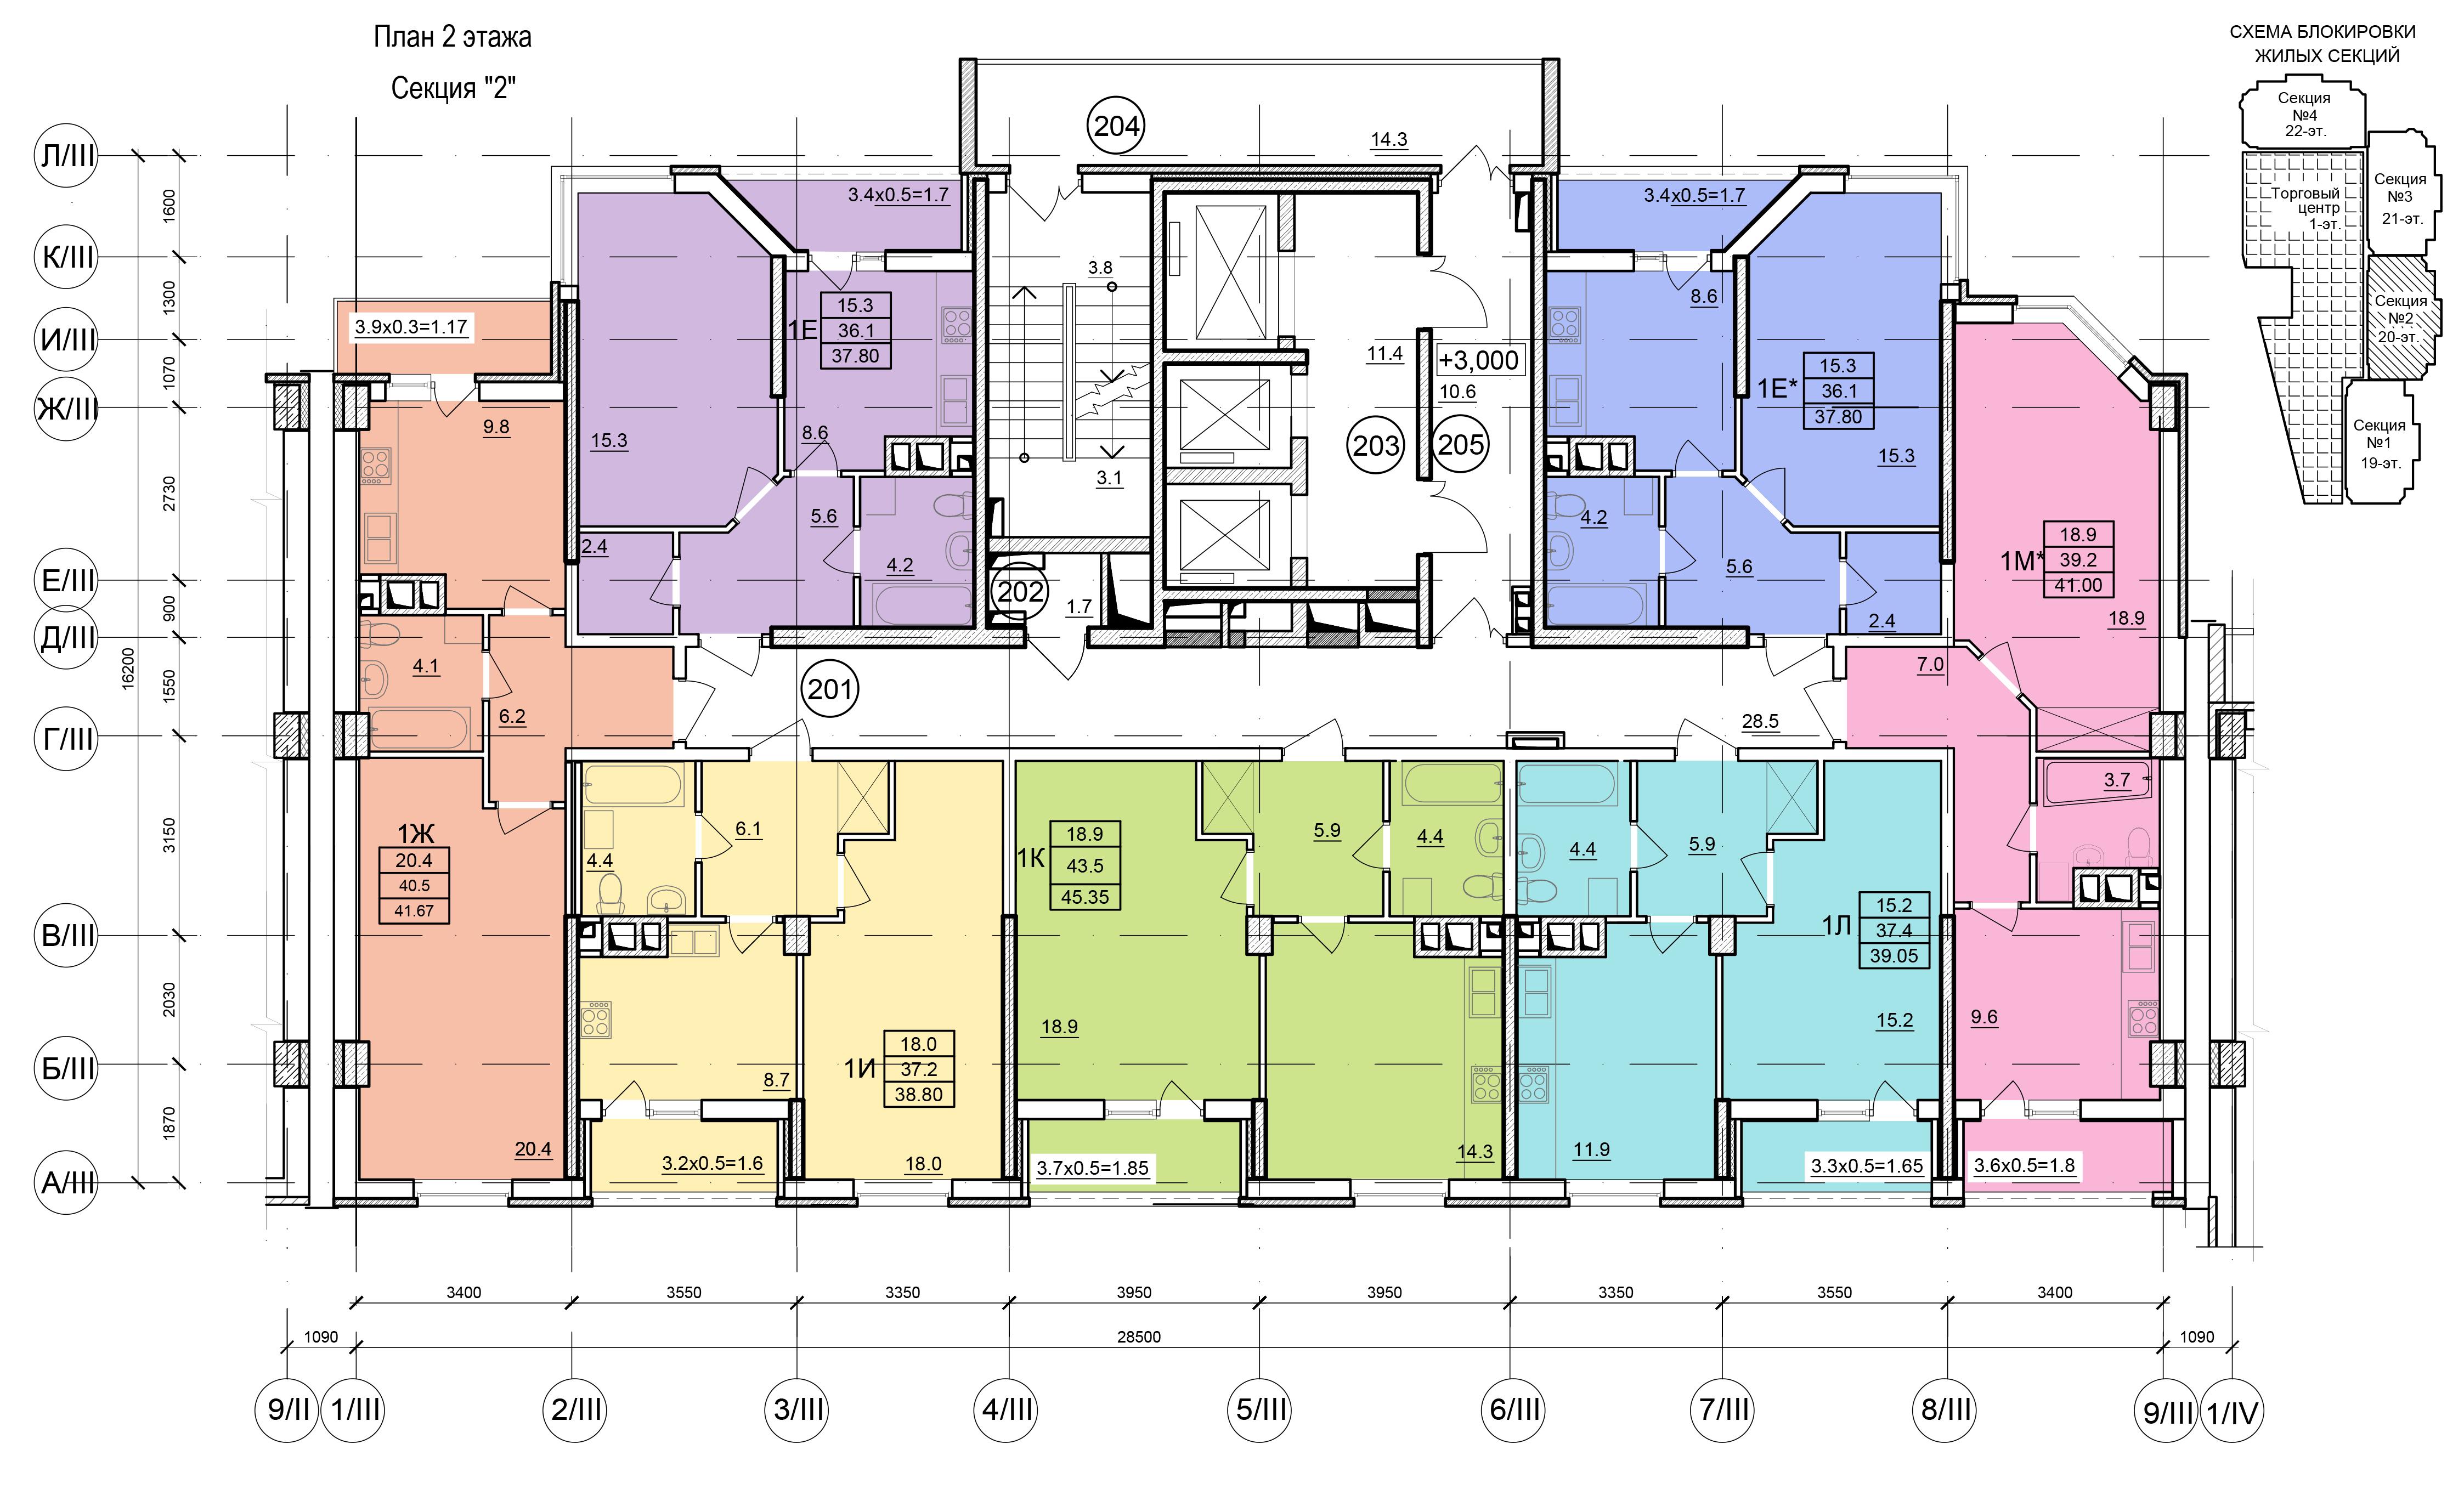 Планировки ЖК Балковский - Стикон. Секция 2, этаж 2